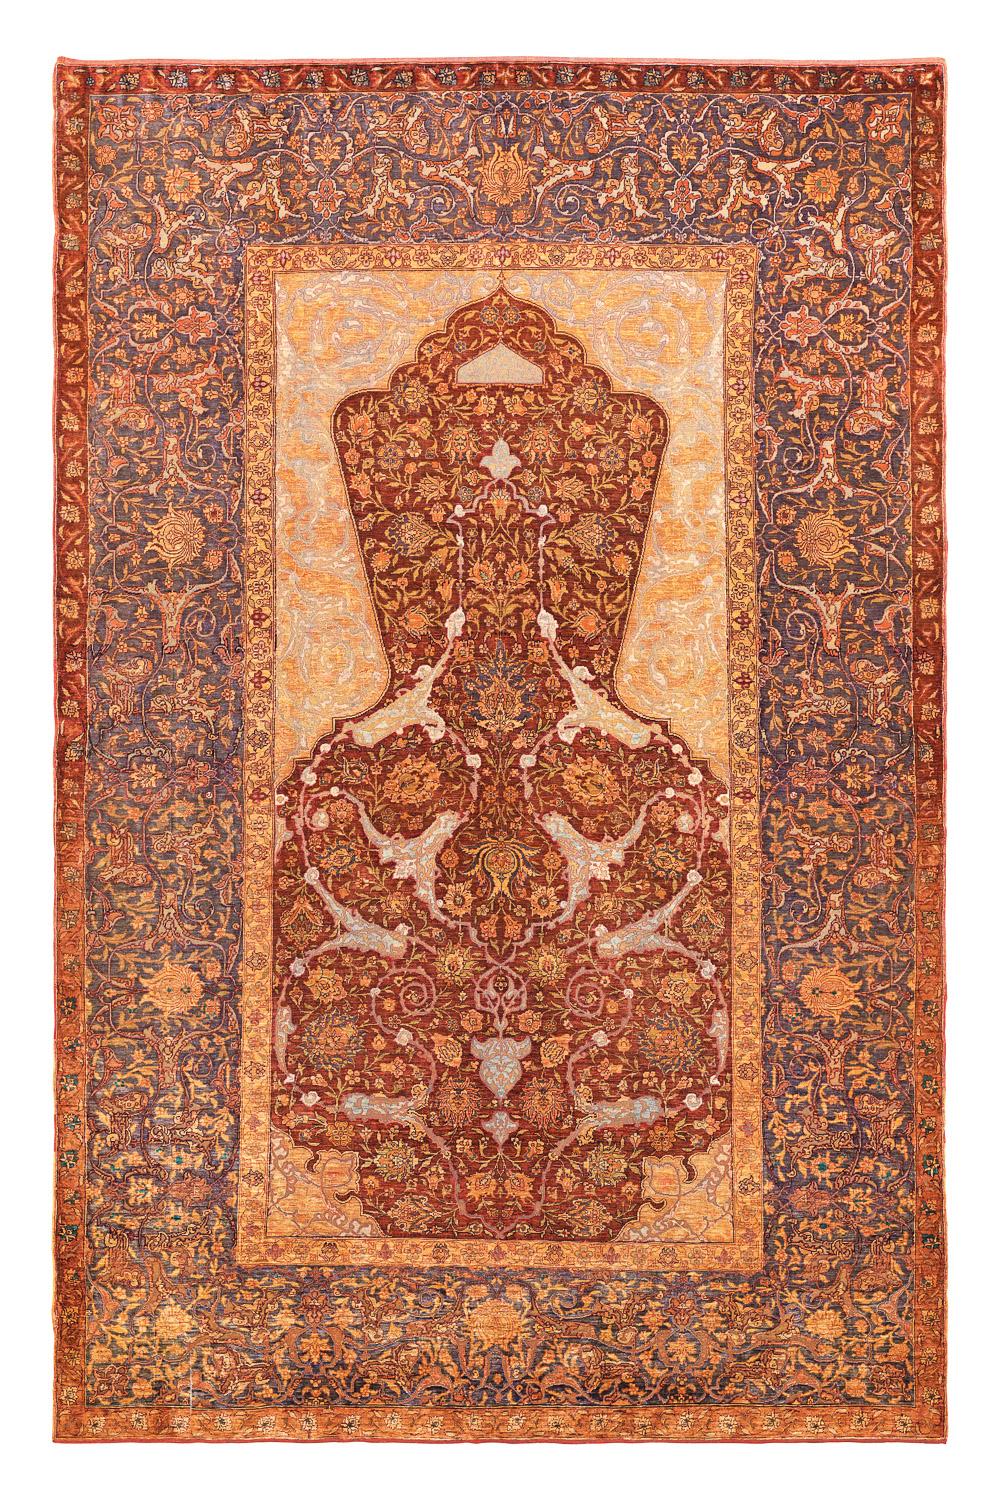 Kum Kapı arabesque rug